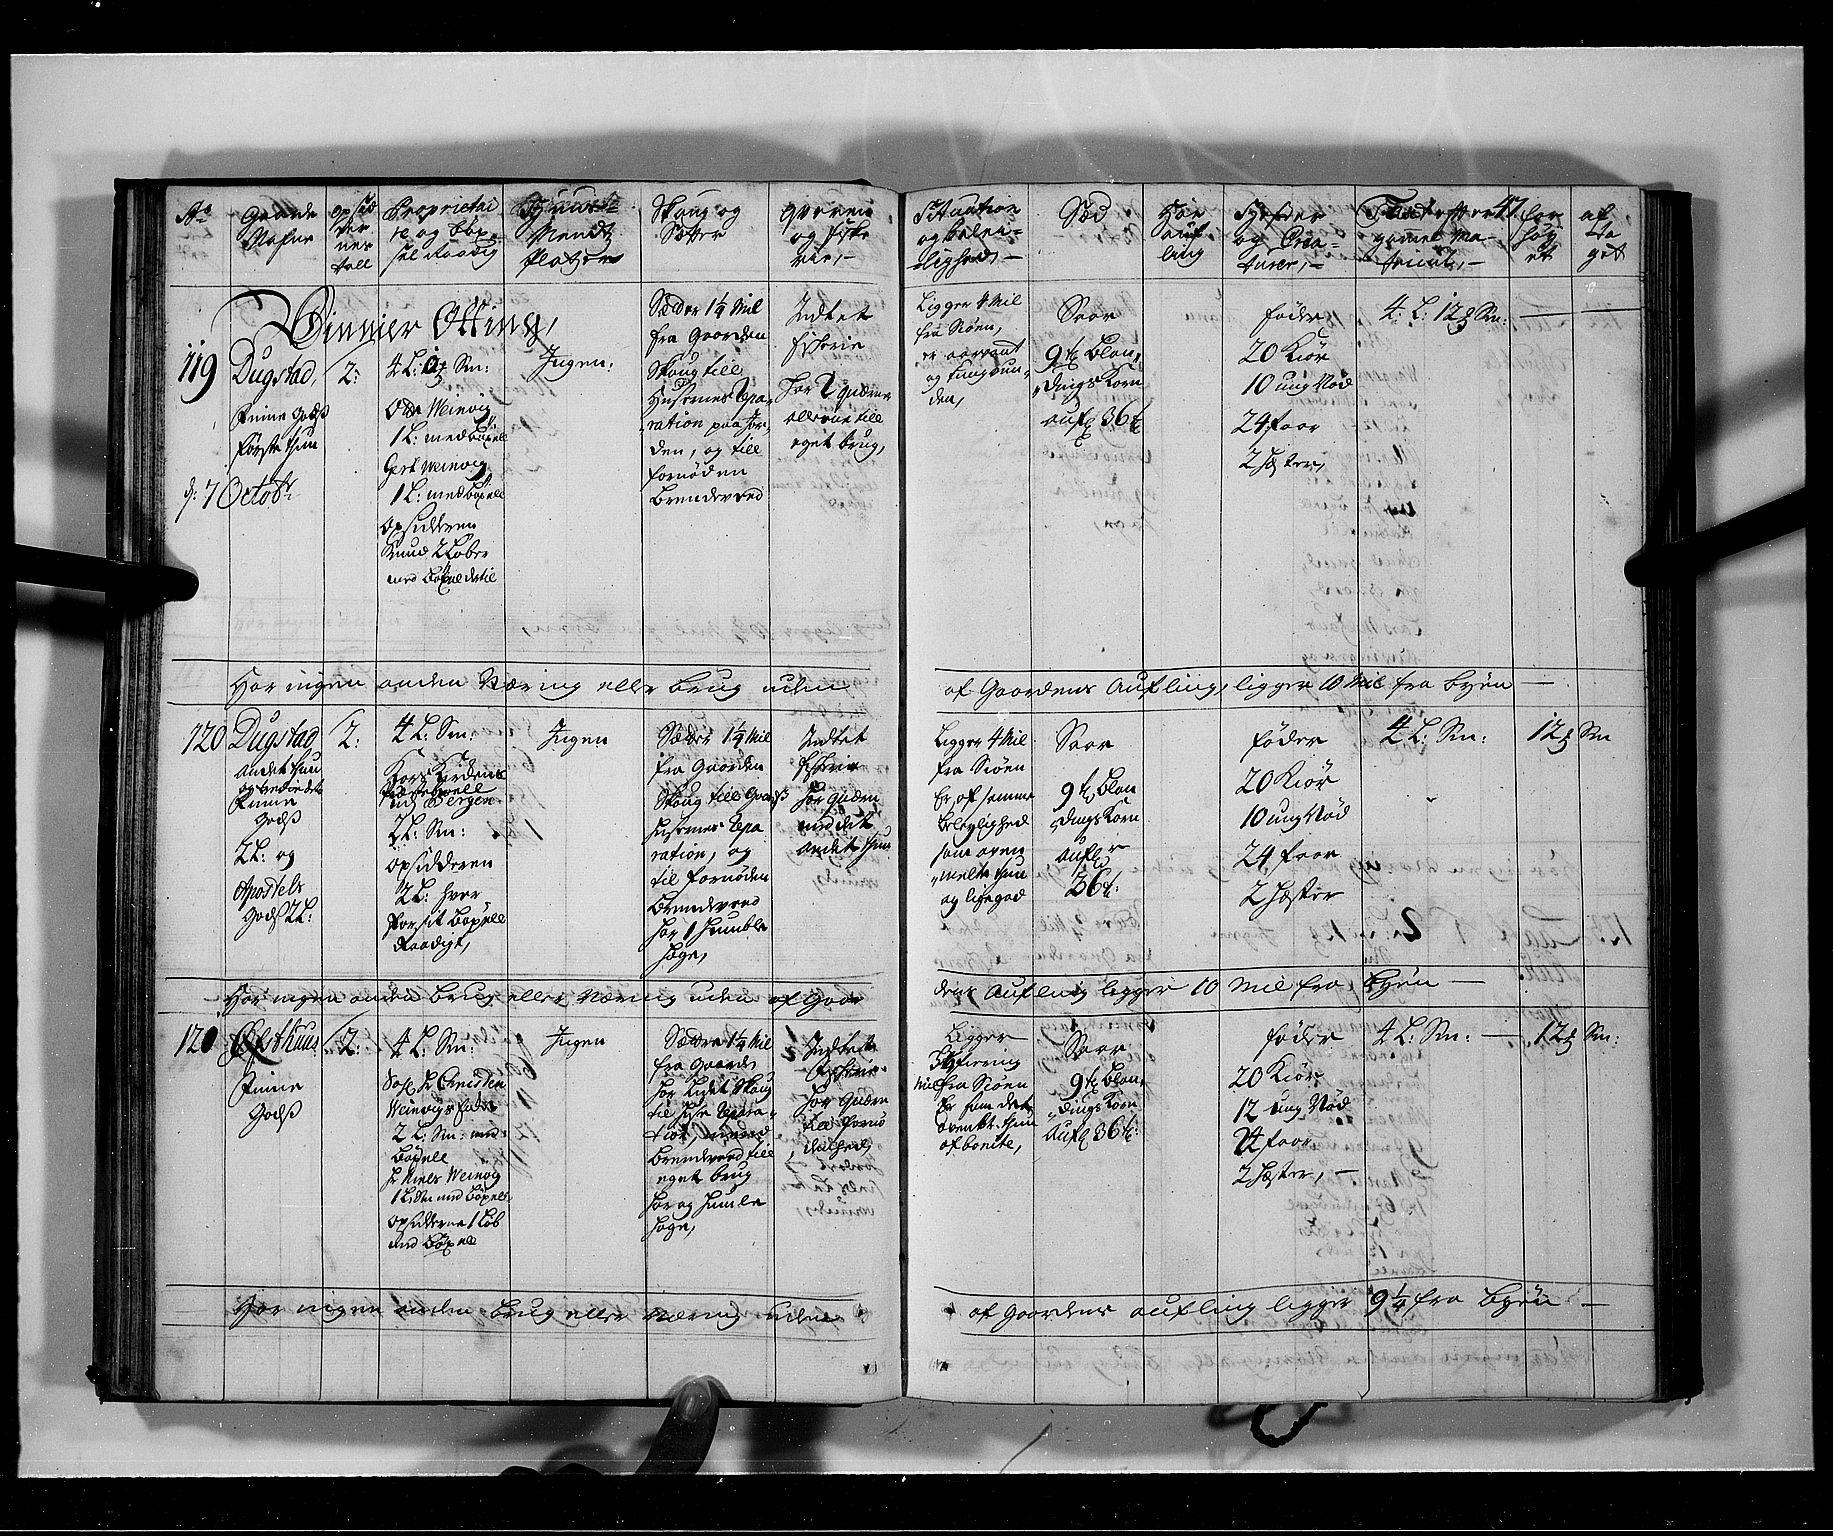 RA, Rentekammeret inntil 1814, Realistisk ordnet avdeling, N/Nb/Nbf/L0141: Voss eksaminasjonsprotokoll, 1723, s. 46b-47a